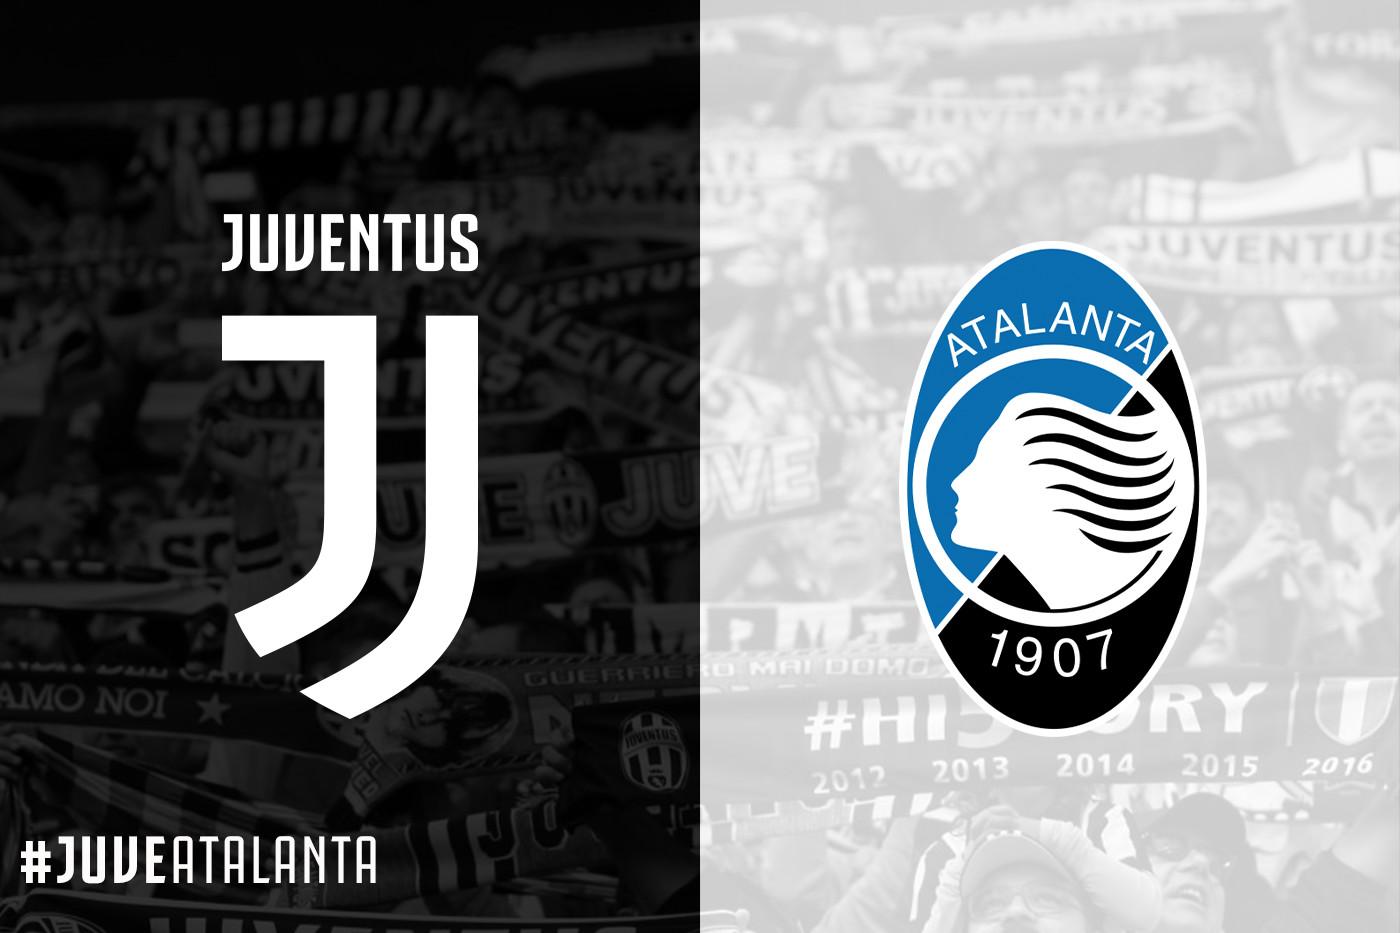 Nhận định Juventus vs Atalanta, 0h00 ngày 26/02: Lấy lại ngôi đầu